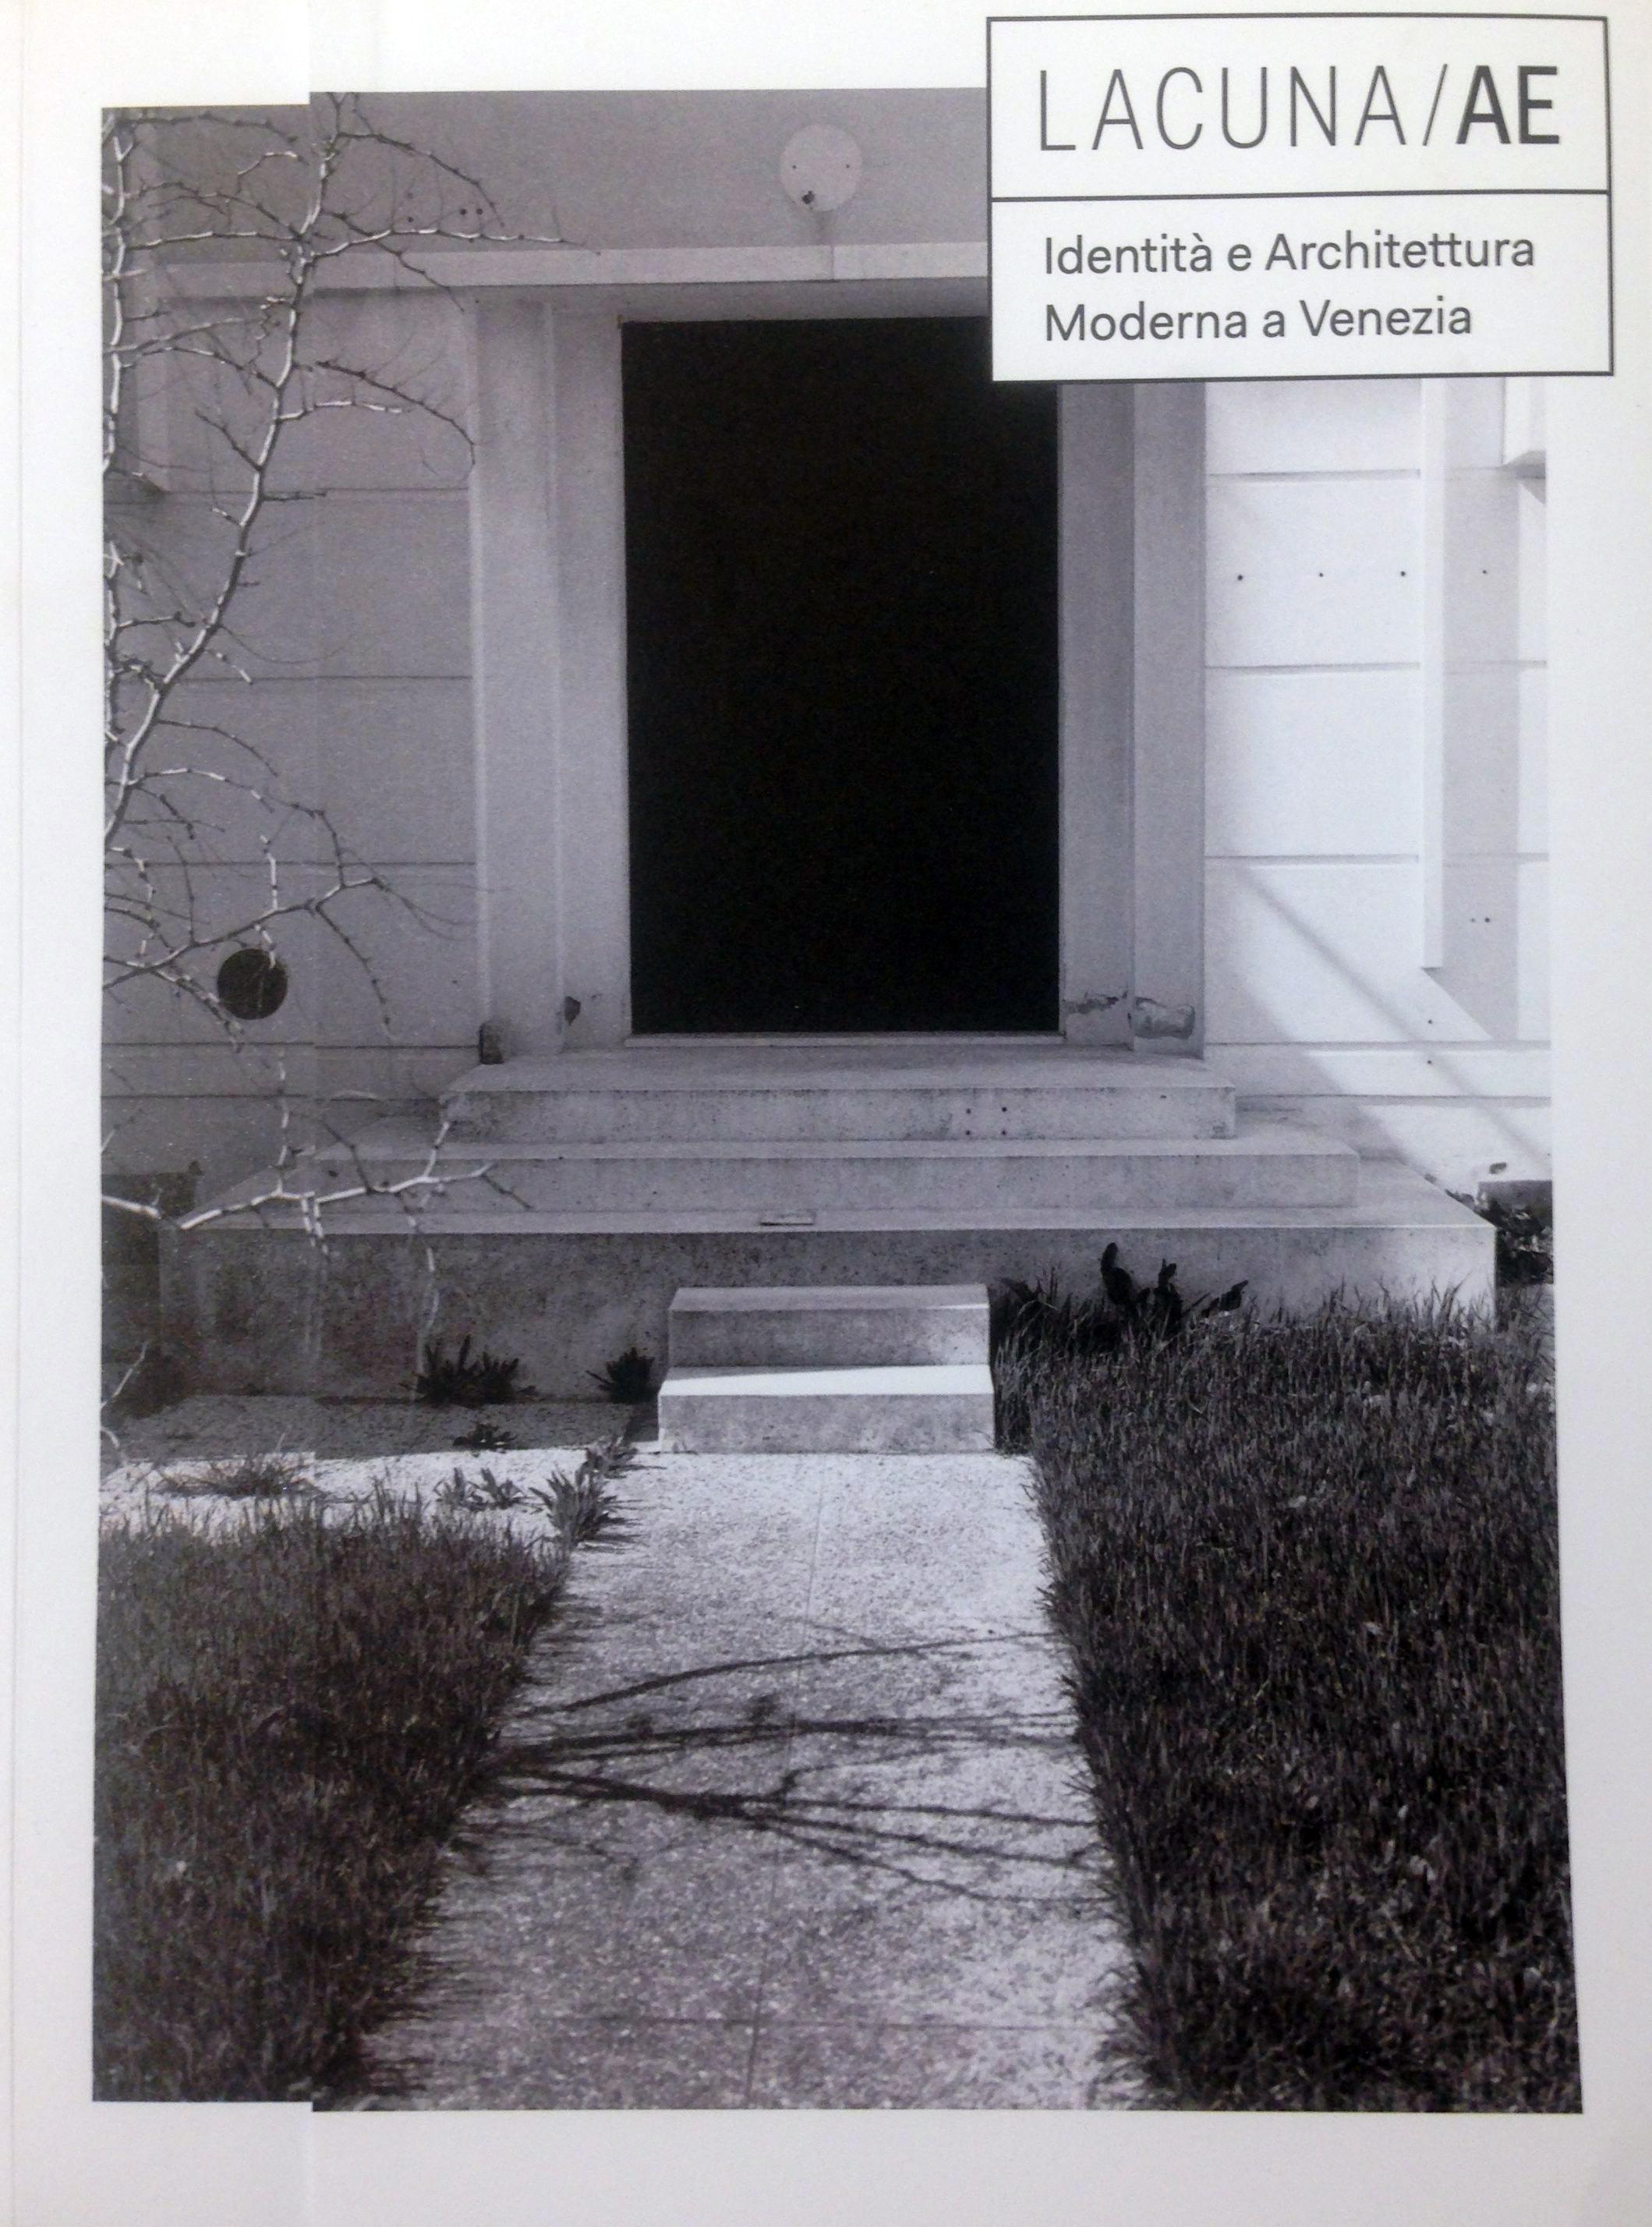 Eleonora Milner, Lacuna/AE